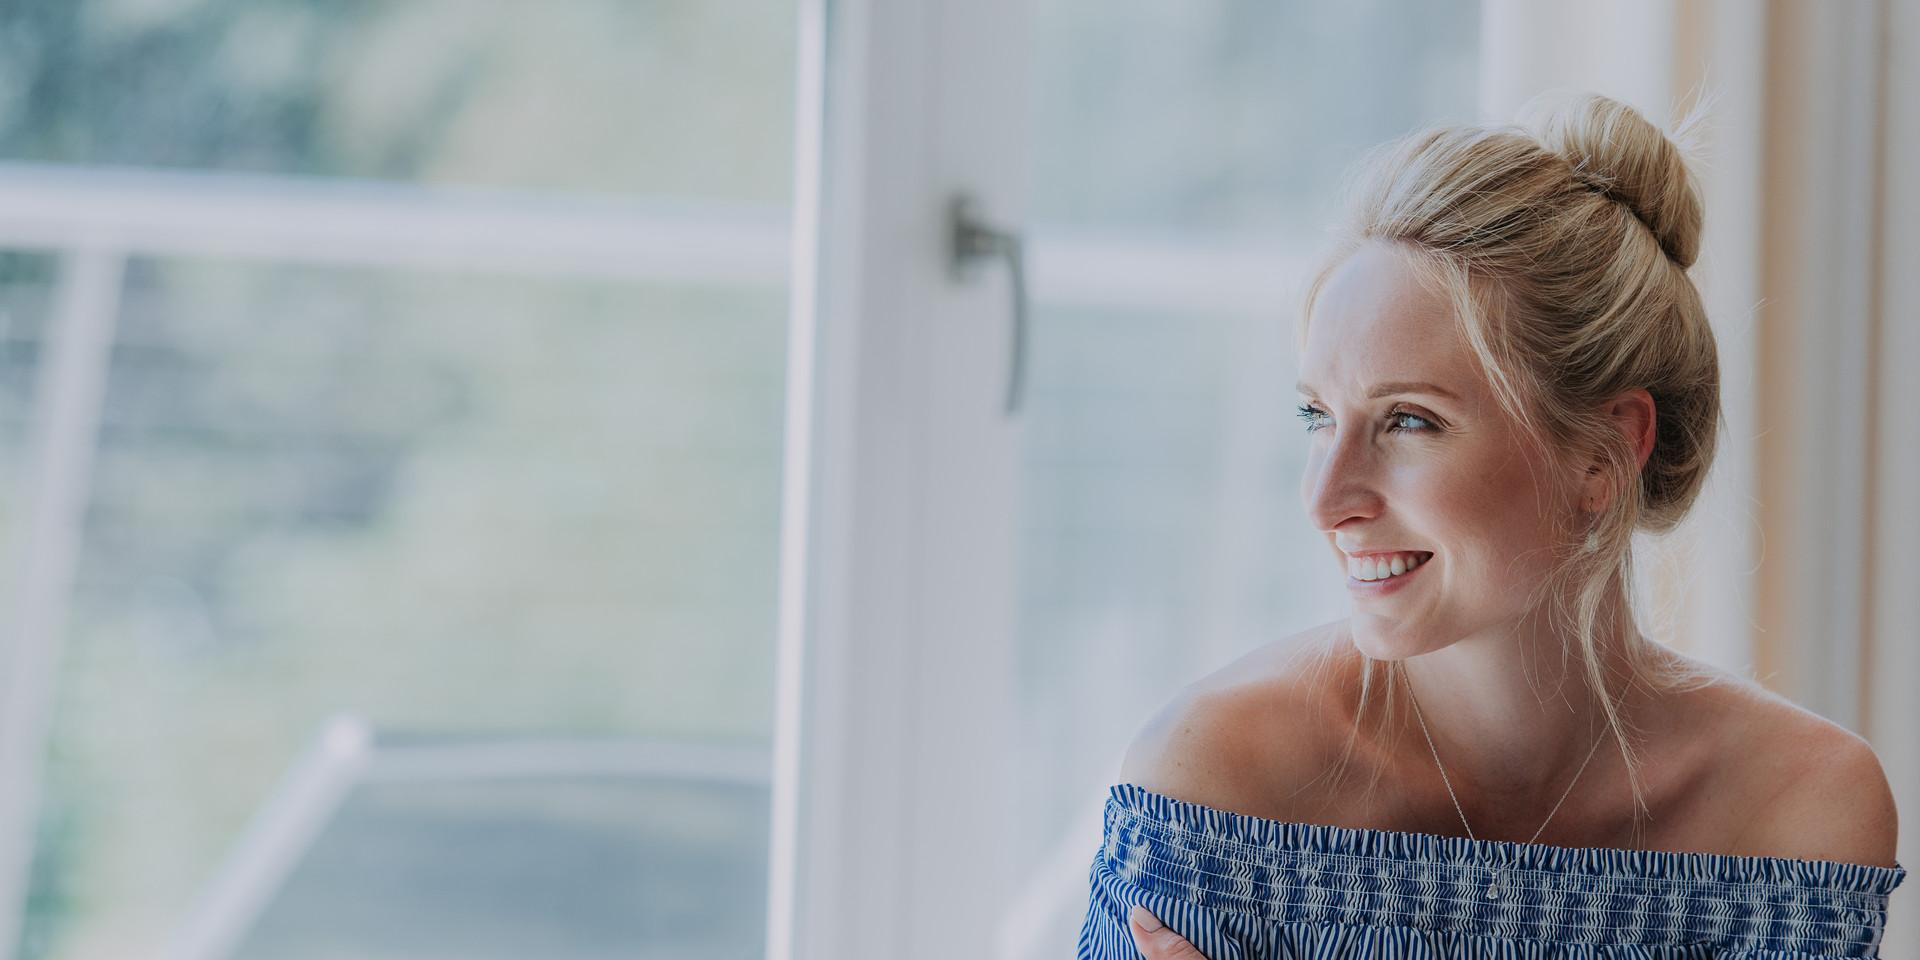 Female Entrepreneur Brand Shot